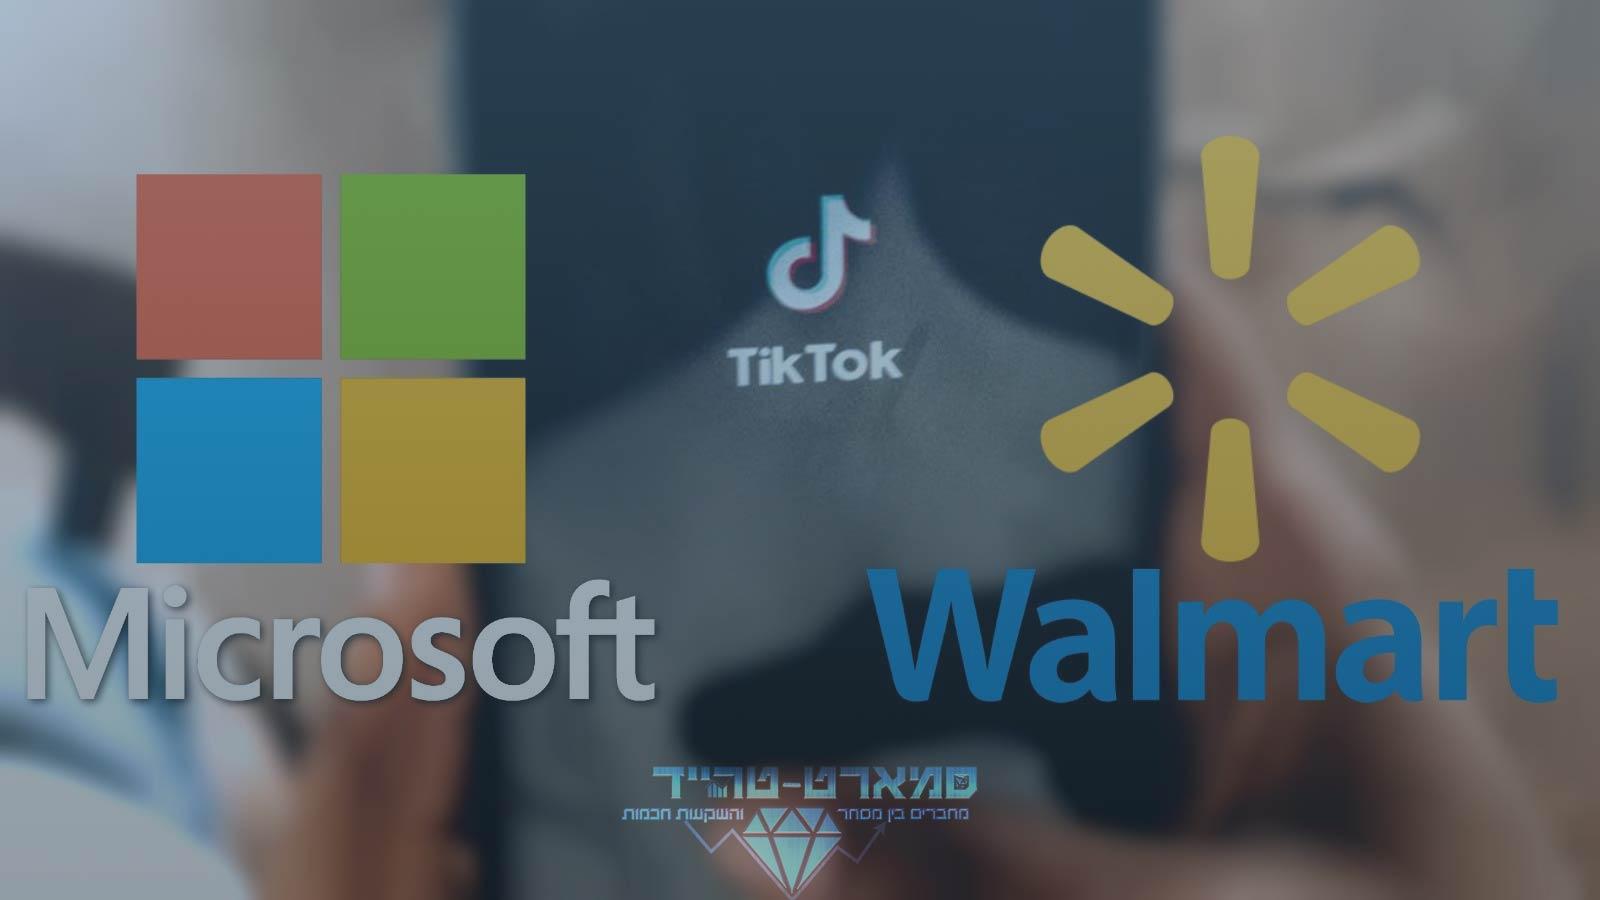 וולמארט משתפת פעולה עם מייקרוסופט בהצעה לרכישת טיק טוק